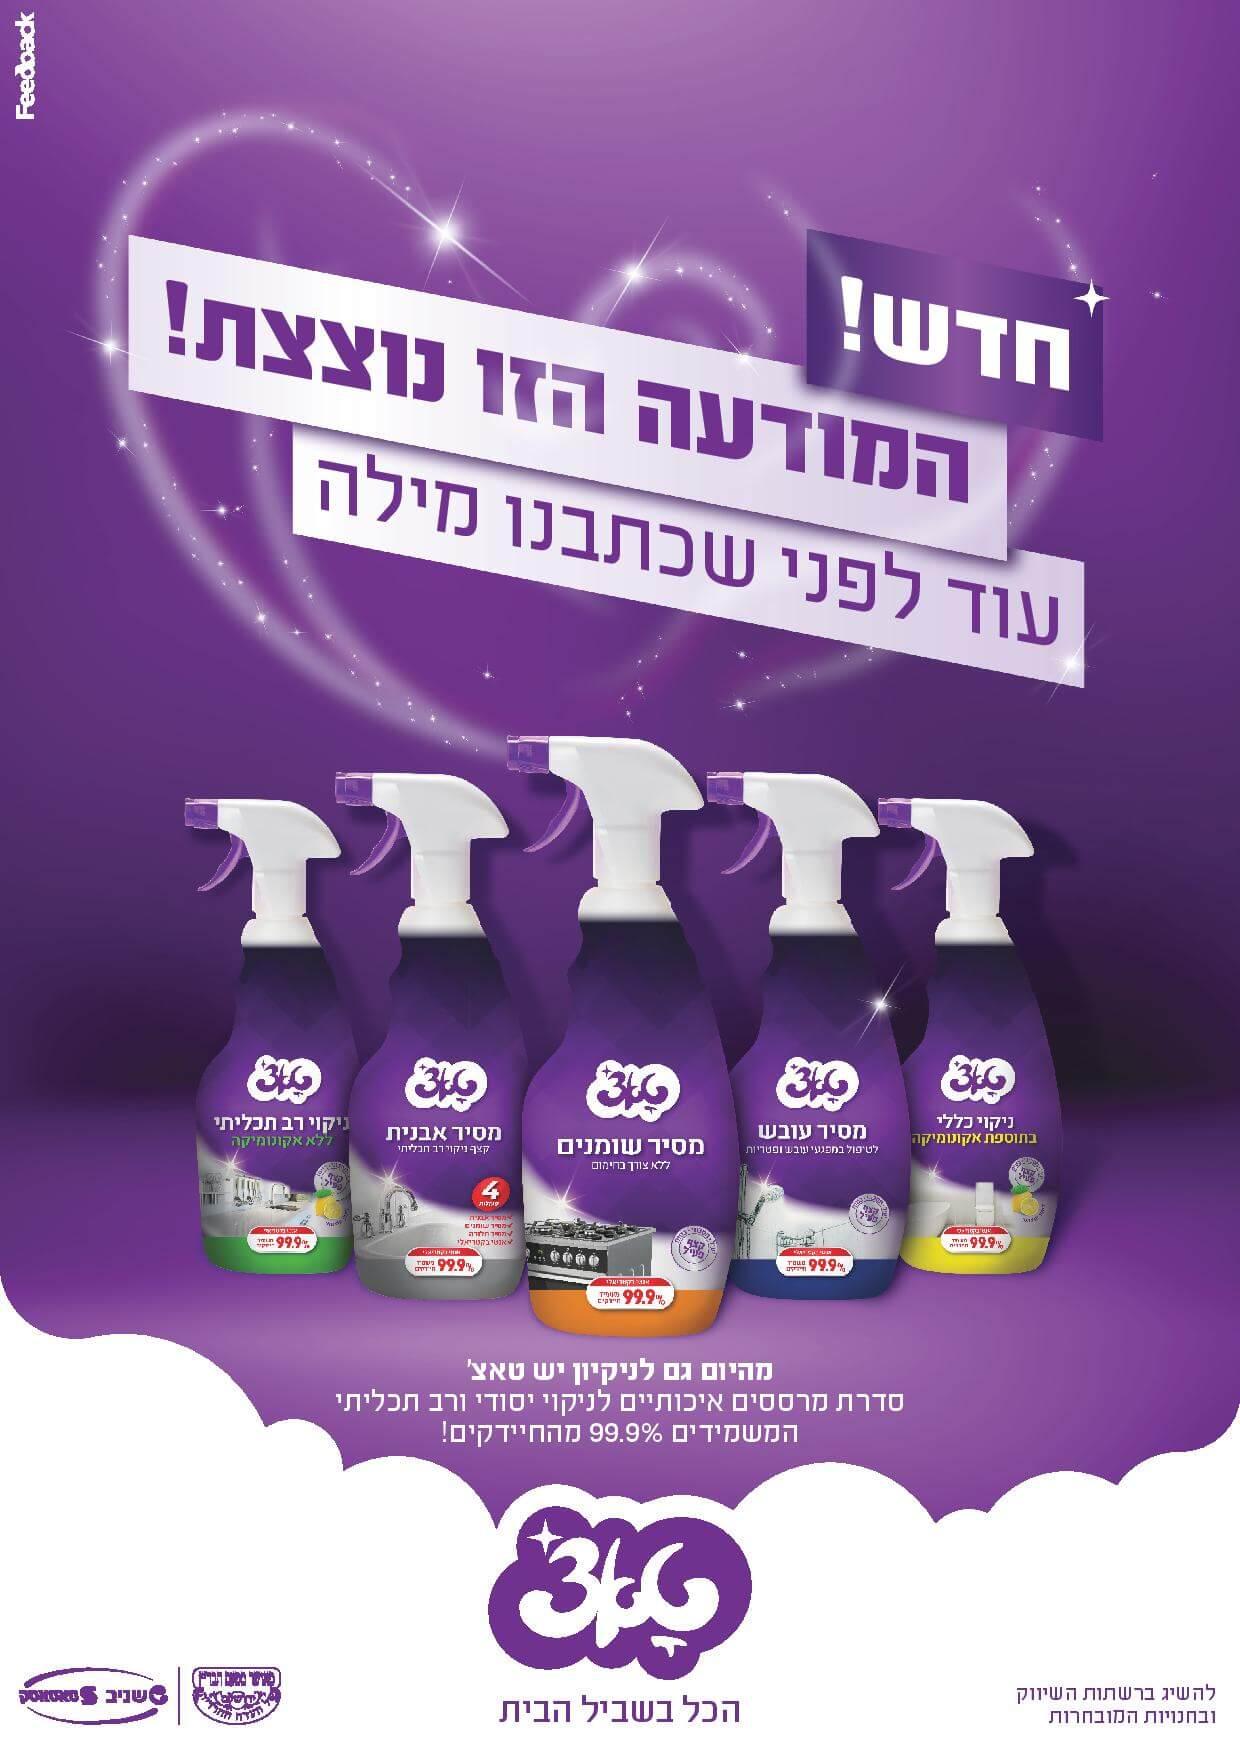 הכירו את המותג הישראלי שמתרחב ומתחרה במותגים הבינלאומיים 4